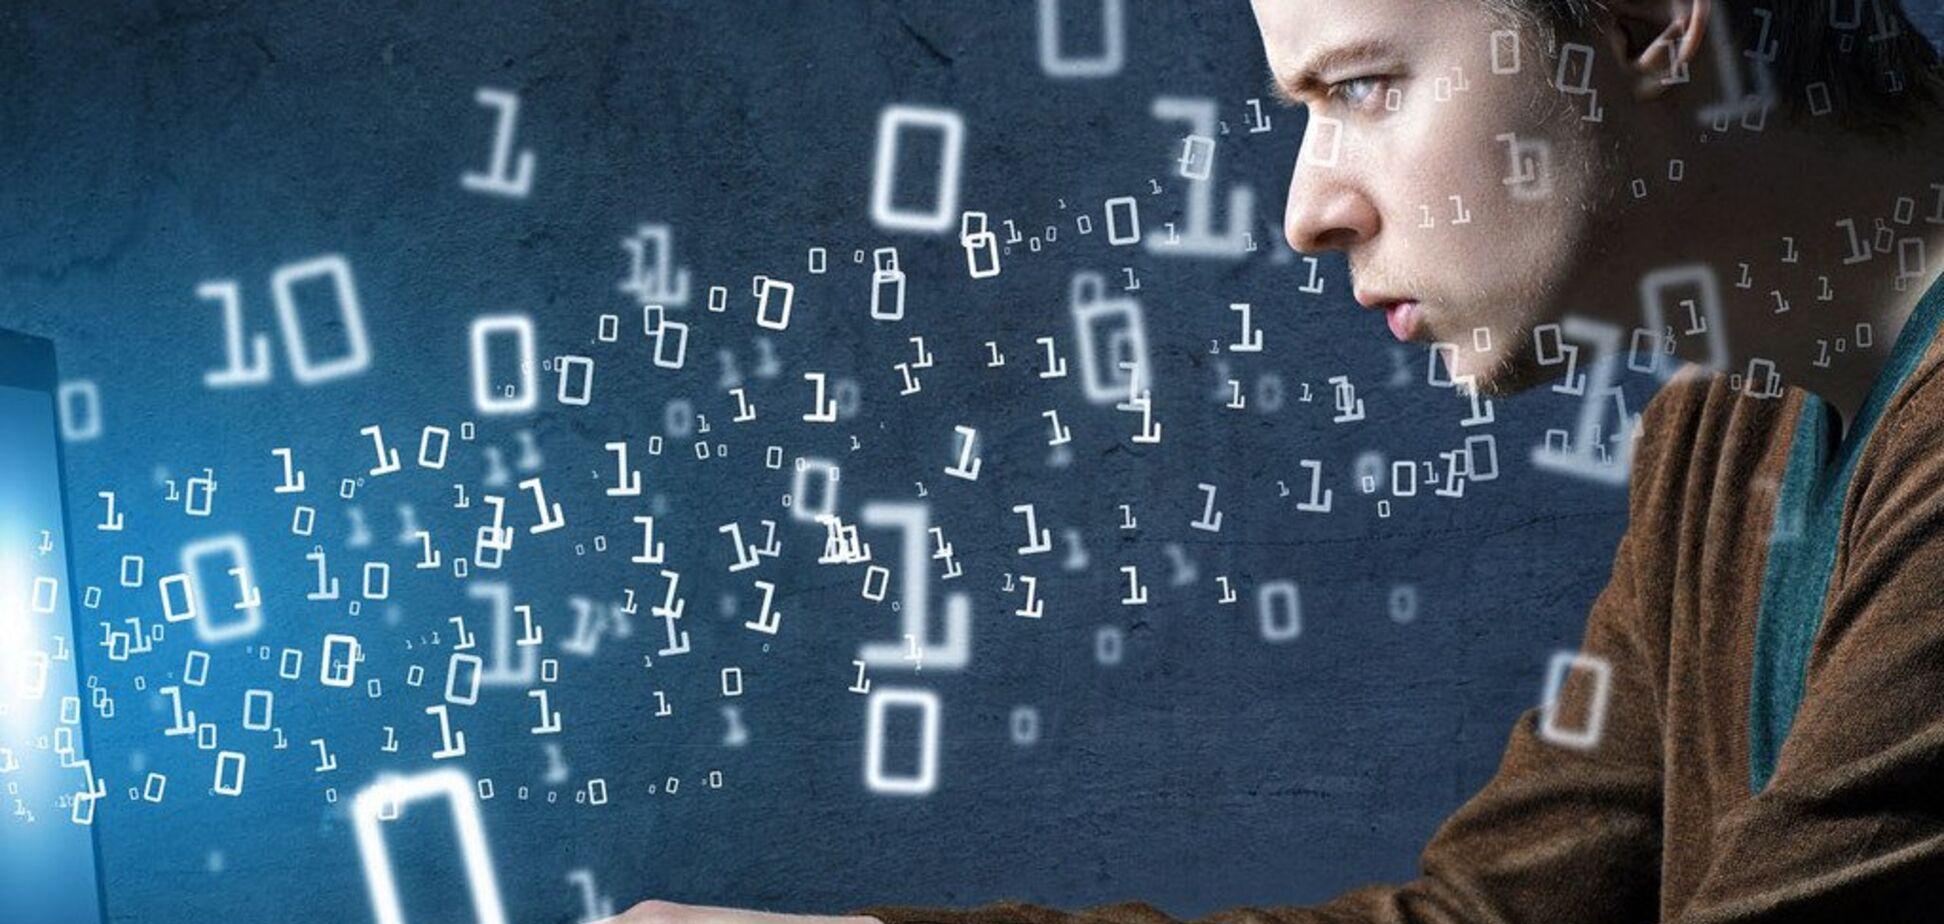 День программиста: пишите оды дивным гигабайтам!